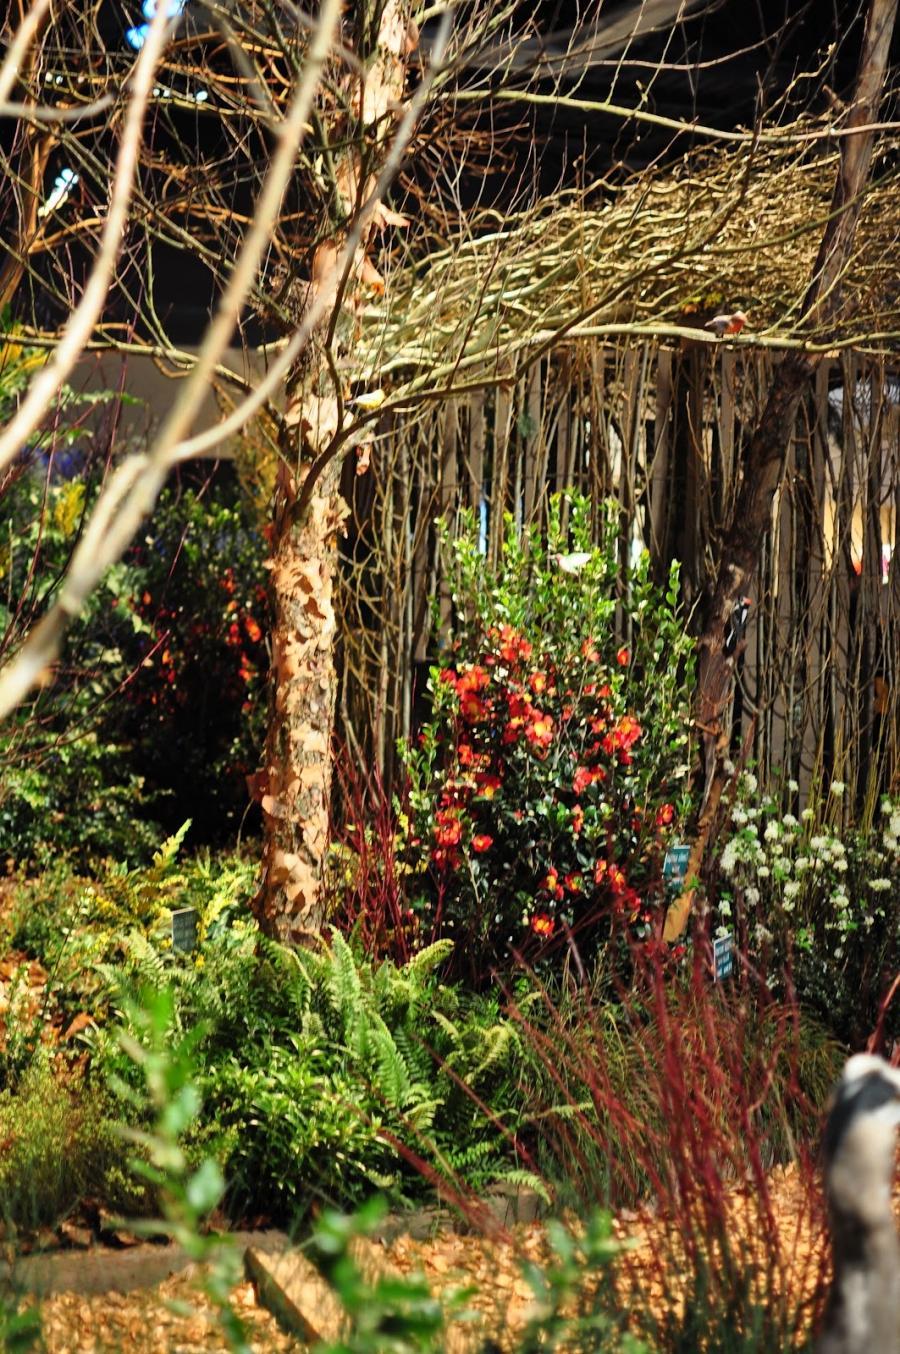 Nw gardens photos